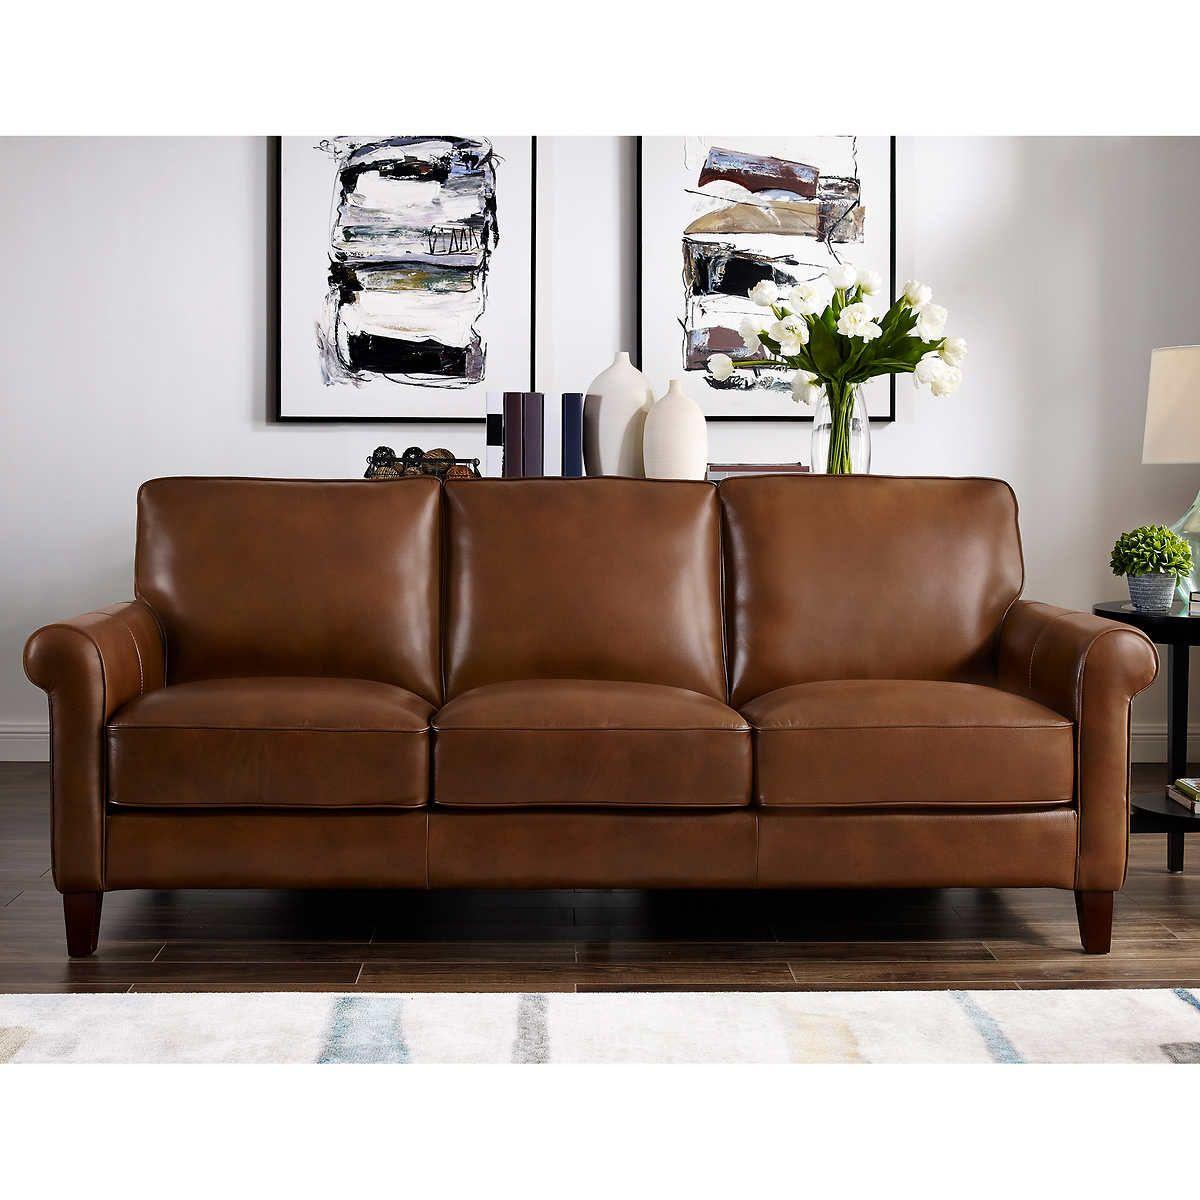 Larsen 3 Piece Top Grain Leather Set In 2020 Top Grain Leather Sofa Leather Sofa Leather Sofa Set